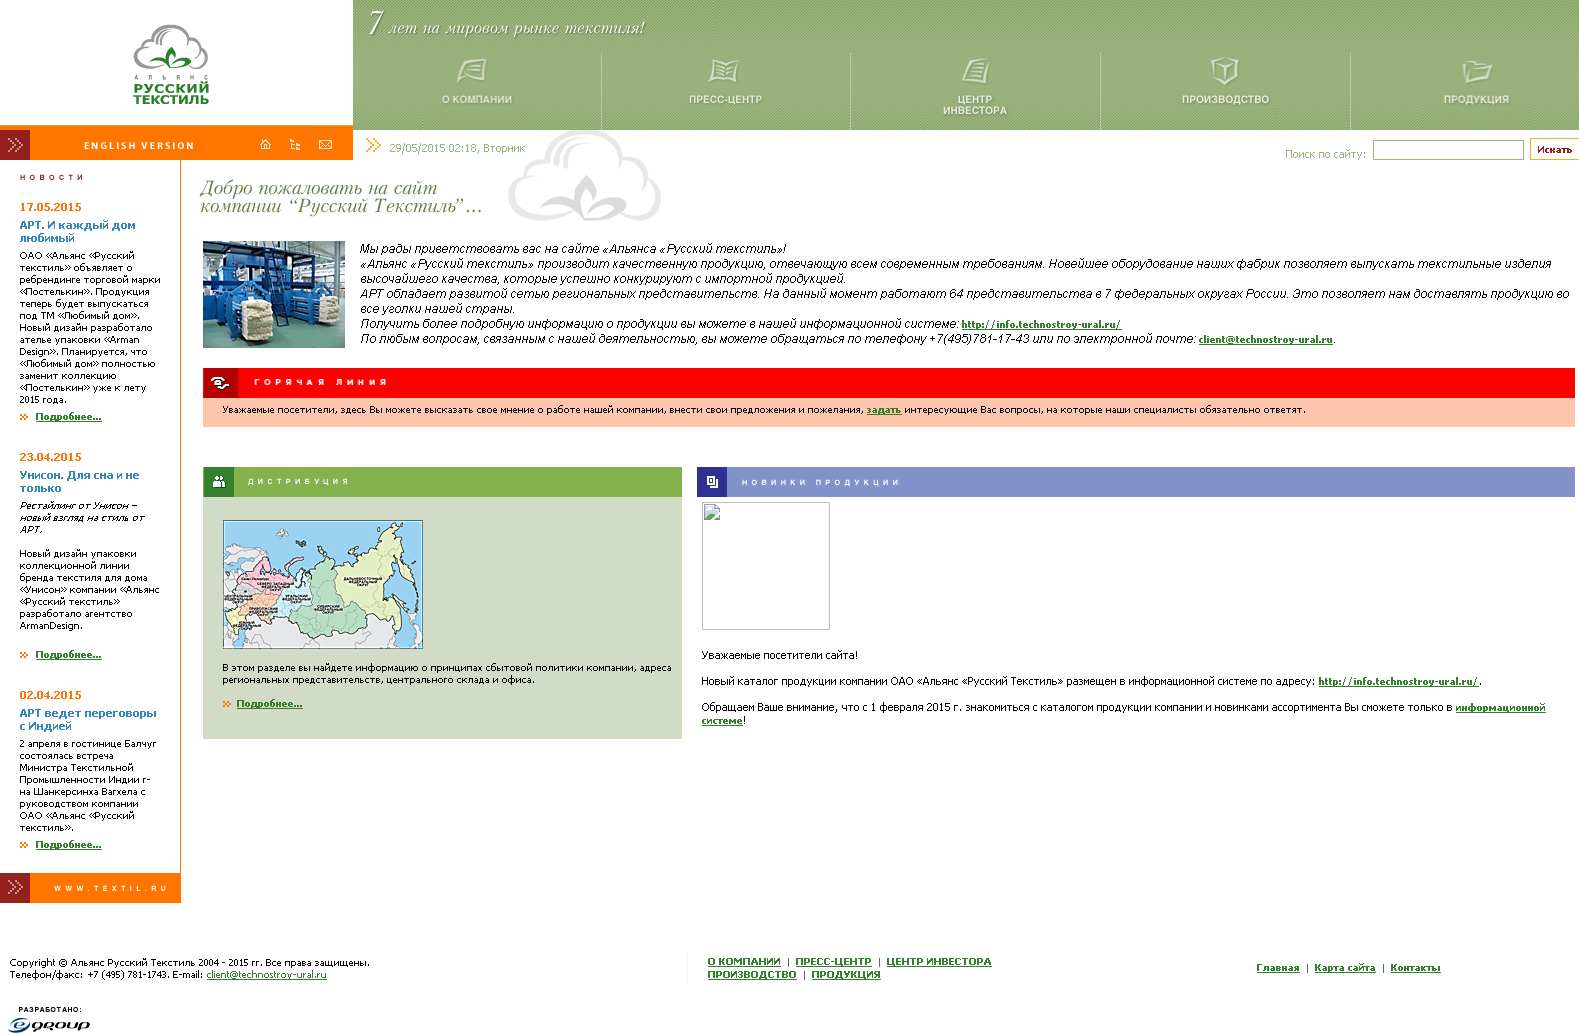 Сайты ведущих российских компаний программы для создания сайта для ucoz